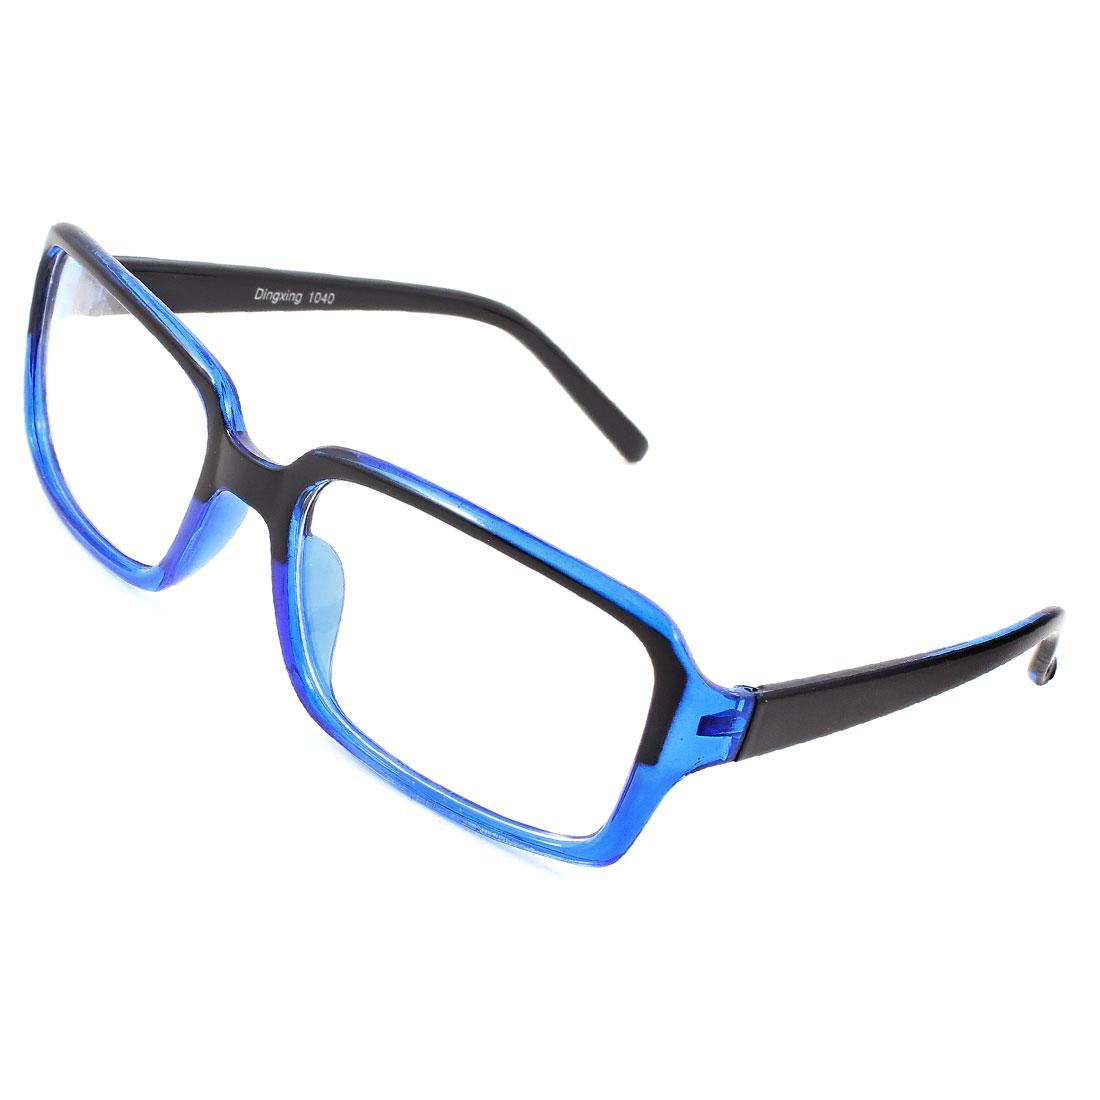 Clear Rectangle Lens Black Blue Full Frame Plastic Glasses for Adult